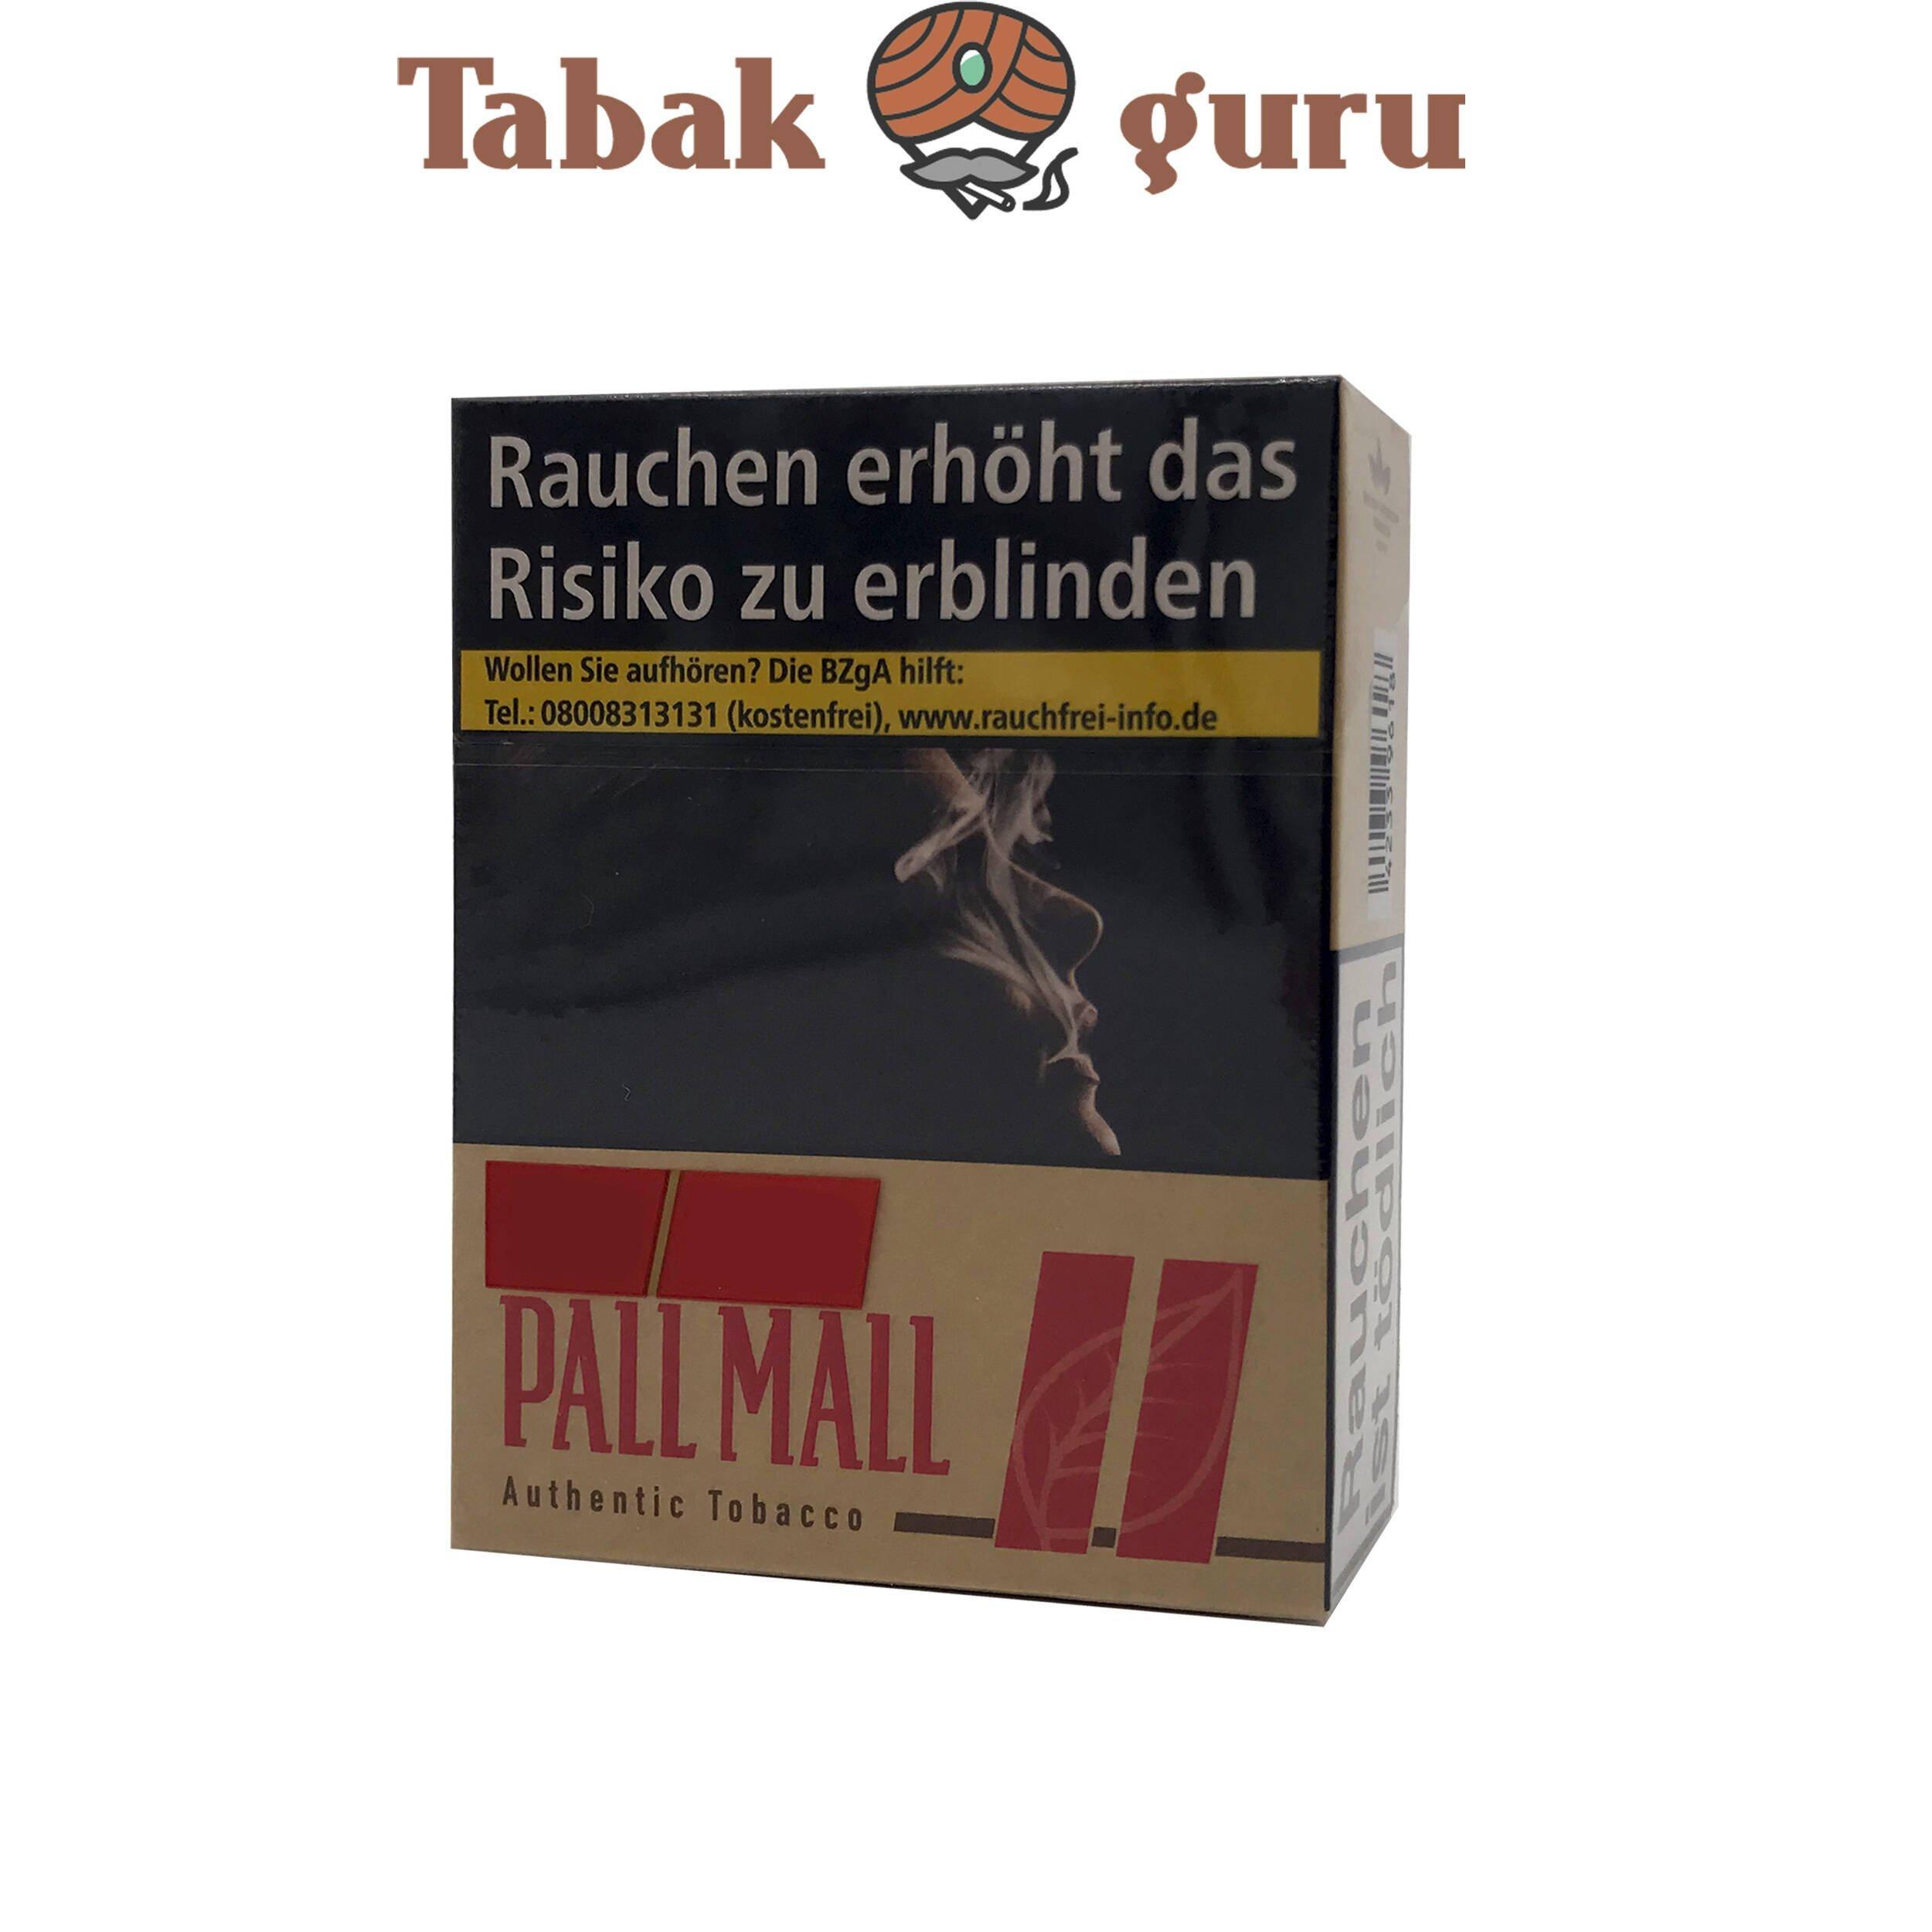 Pall Mall Authentic Red / Rot Zigaretten ohne Zusätze Giga (34 Stück)